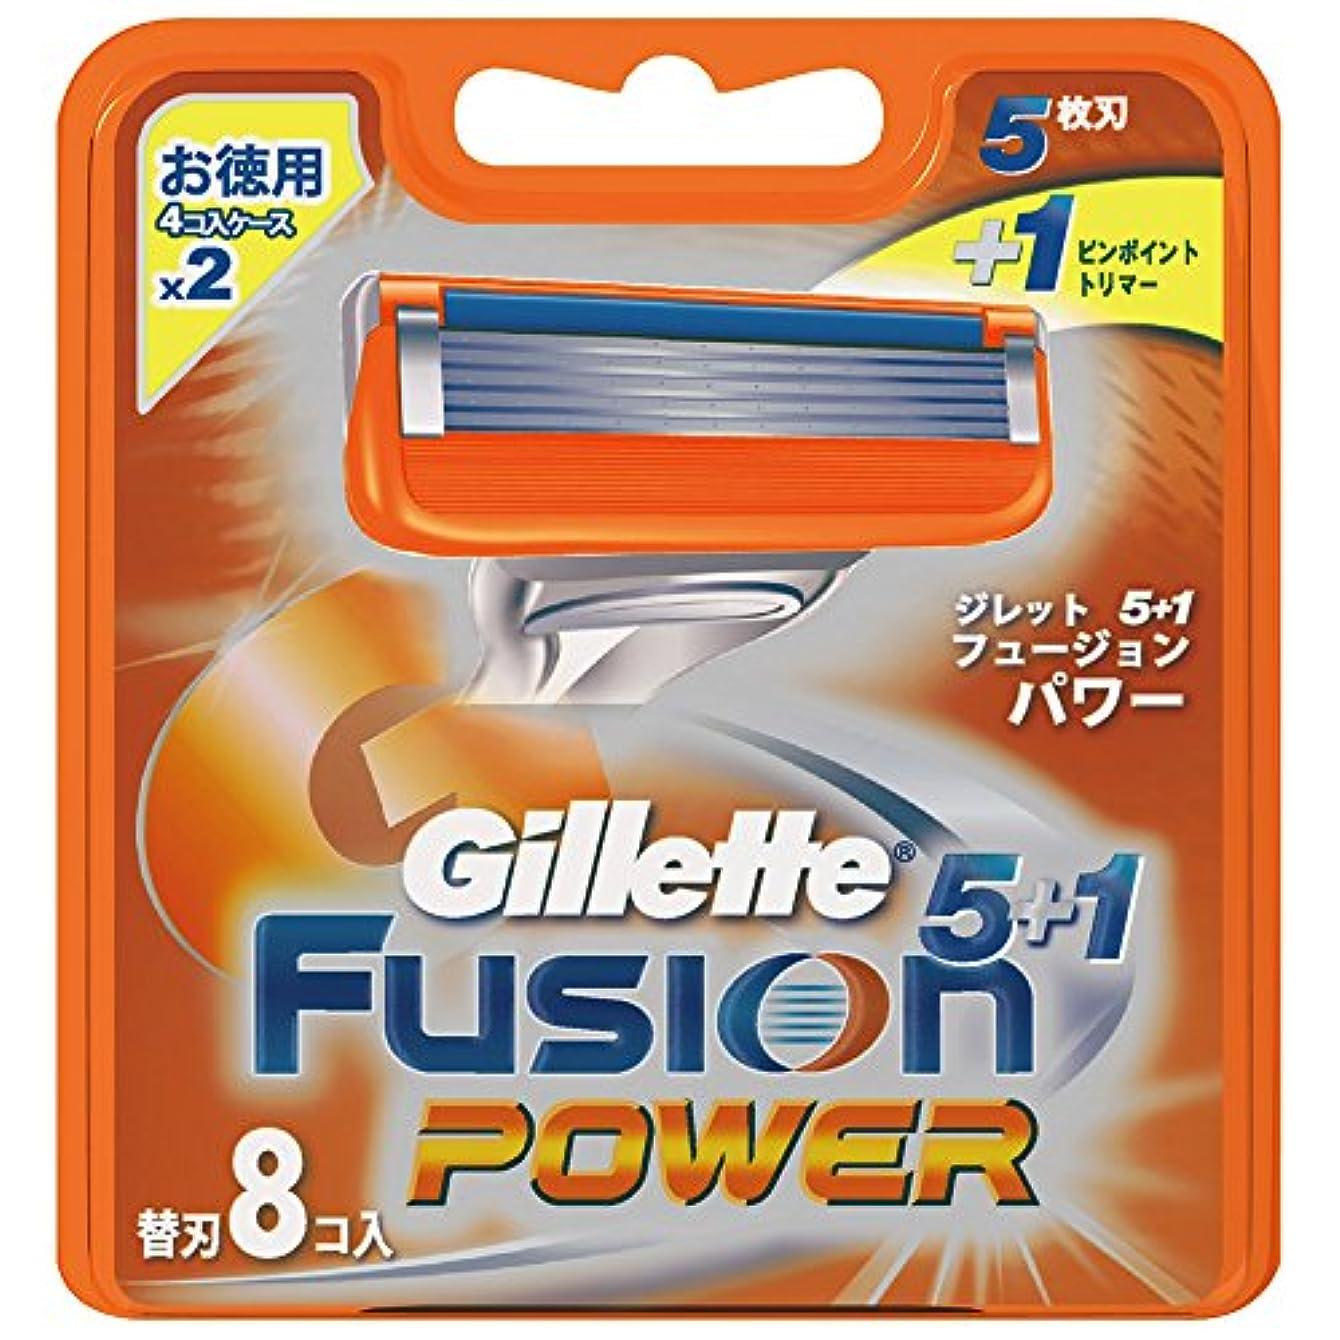 コメンテーターハッチトラックジレット 髭剃り フュージョン5+1 パワー 替刃8個入